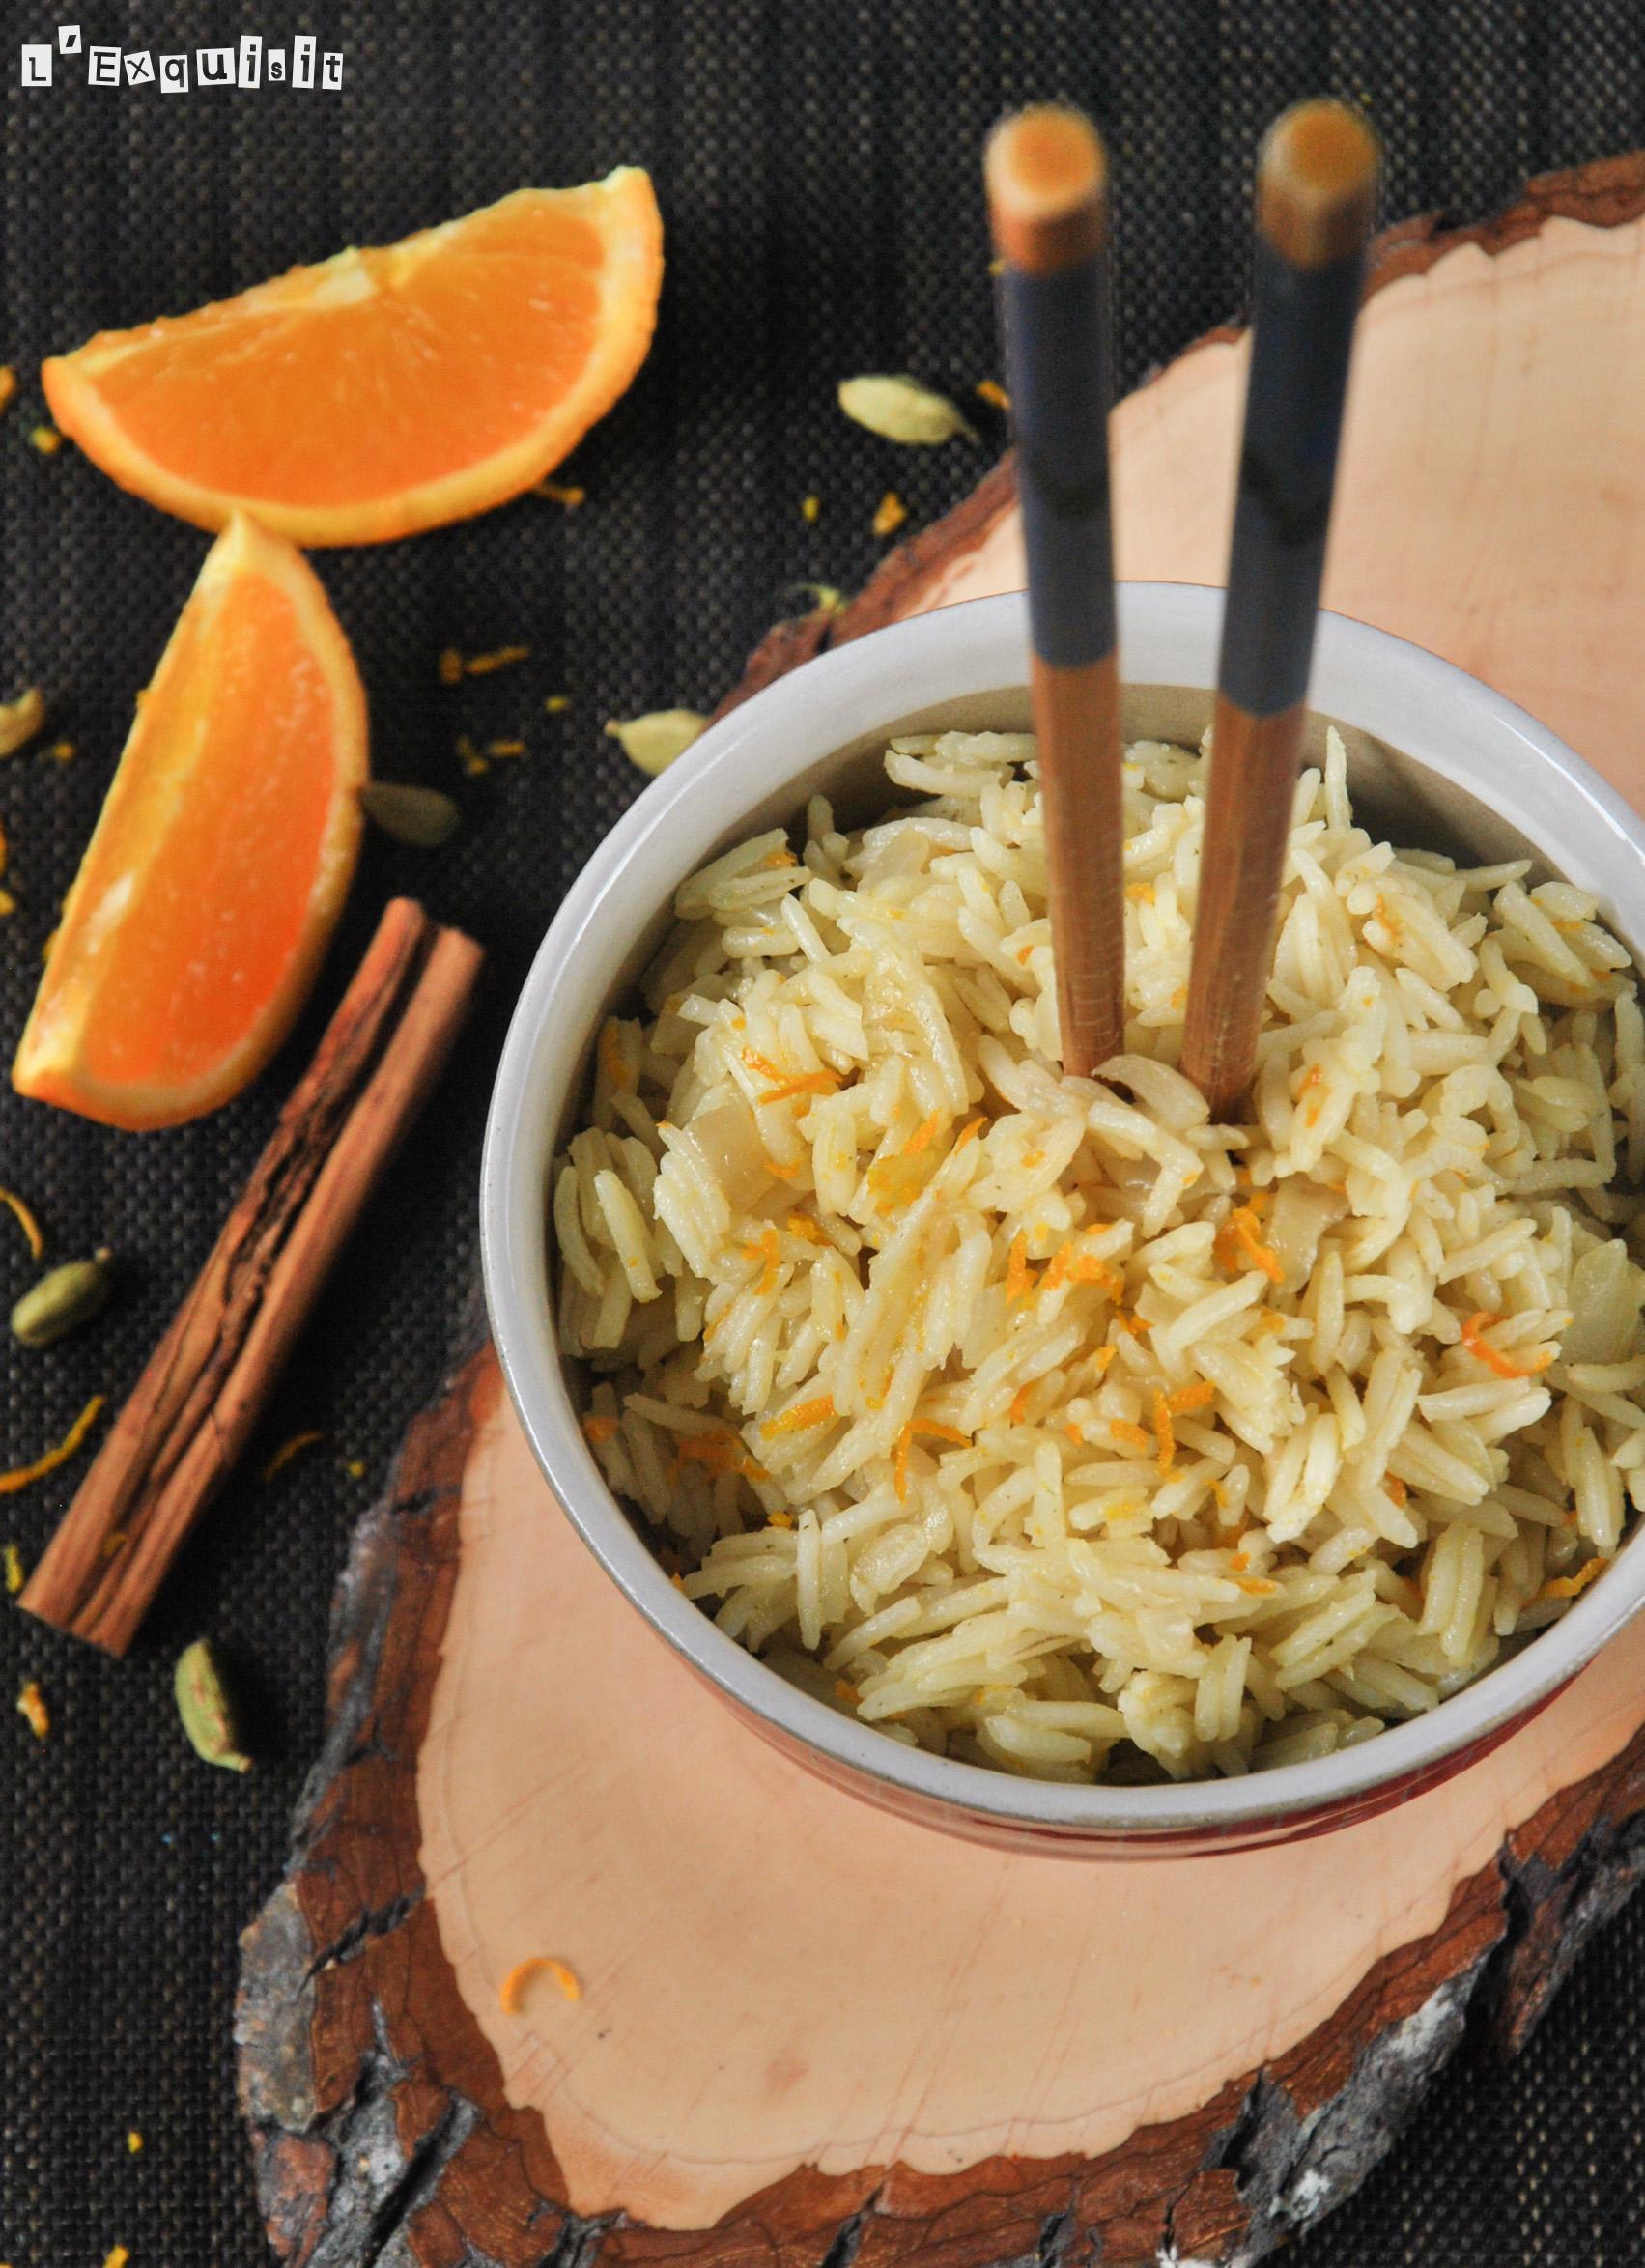 Arroz pilav aromatizado a la naranja